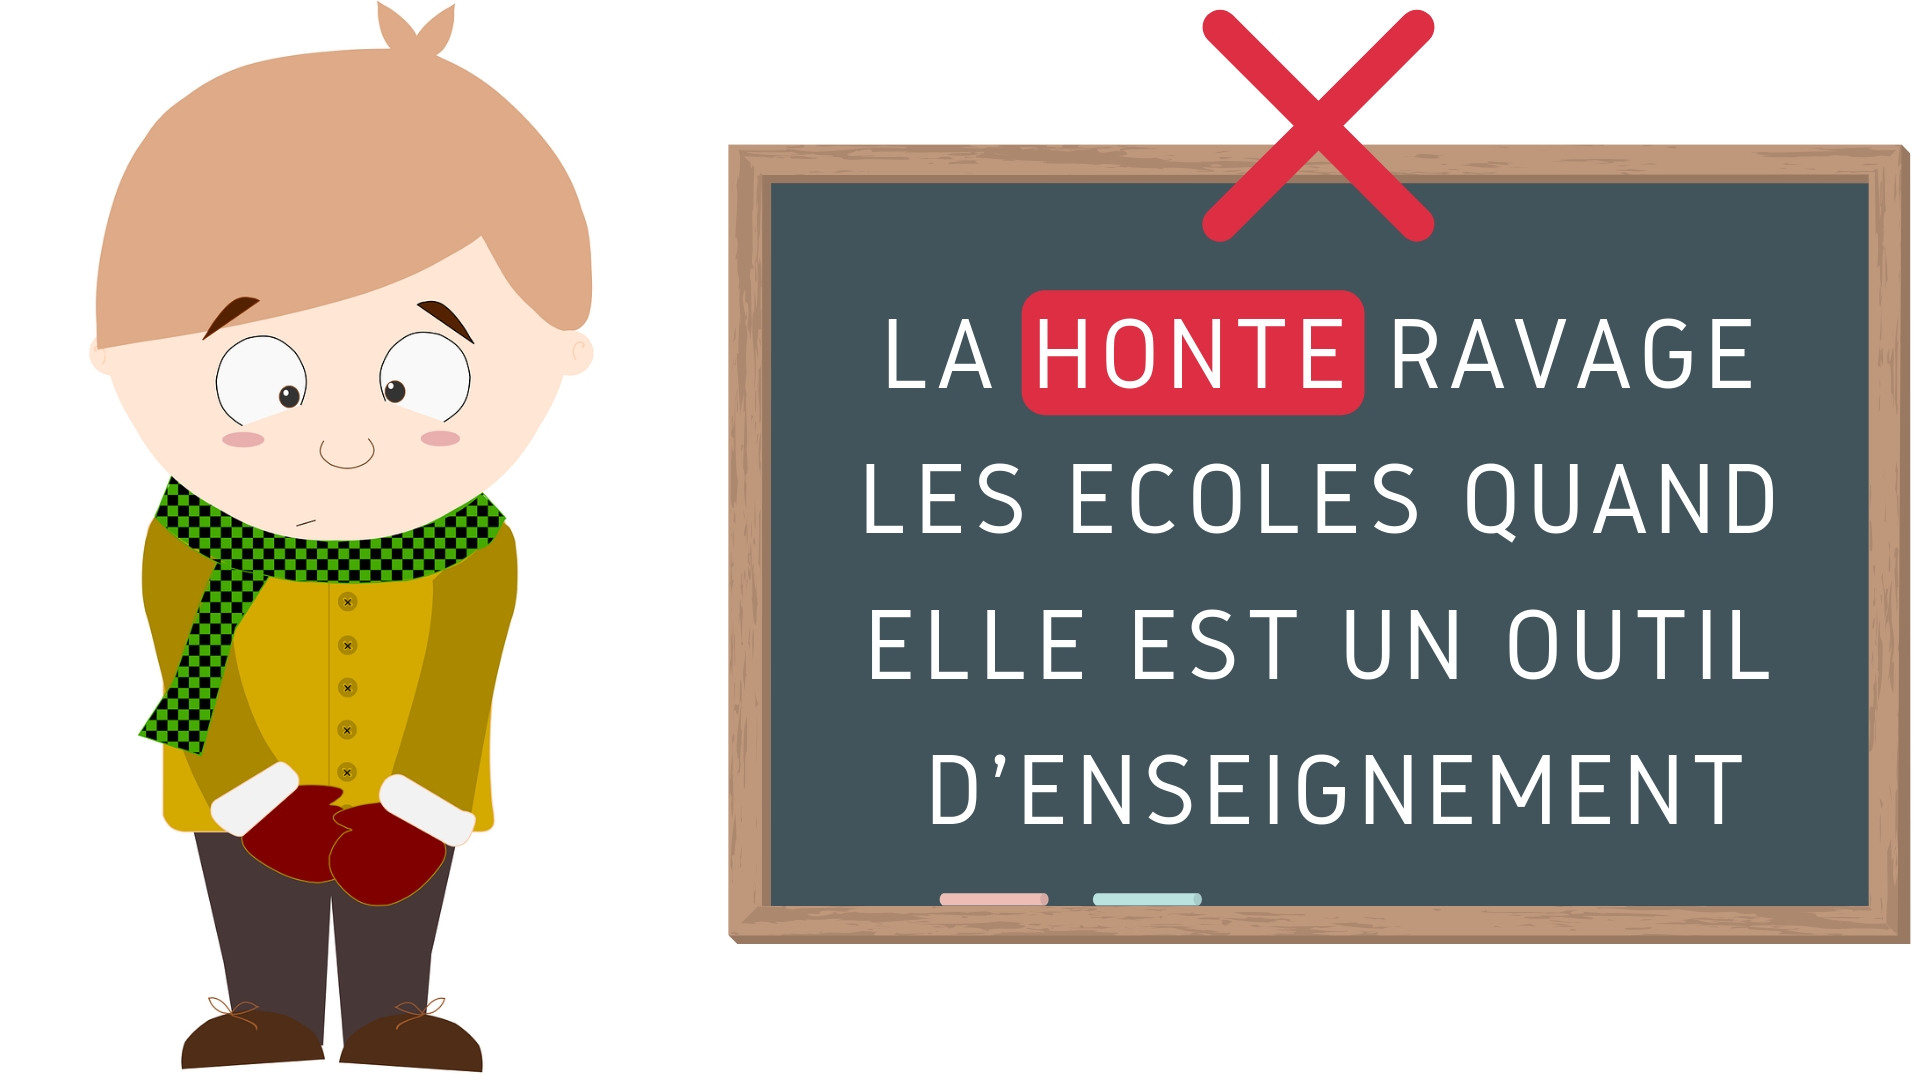 honte écoles outil d'enseignement